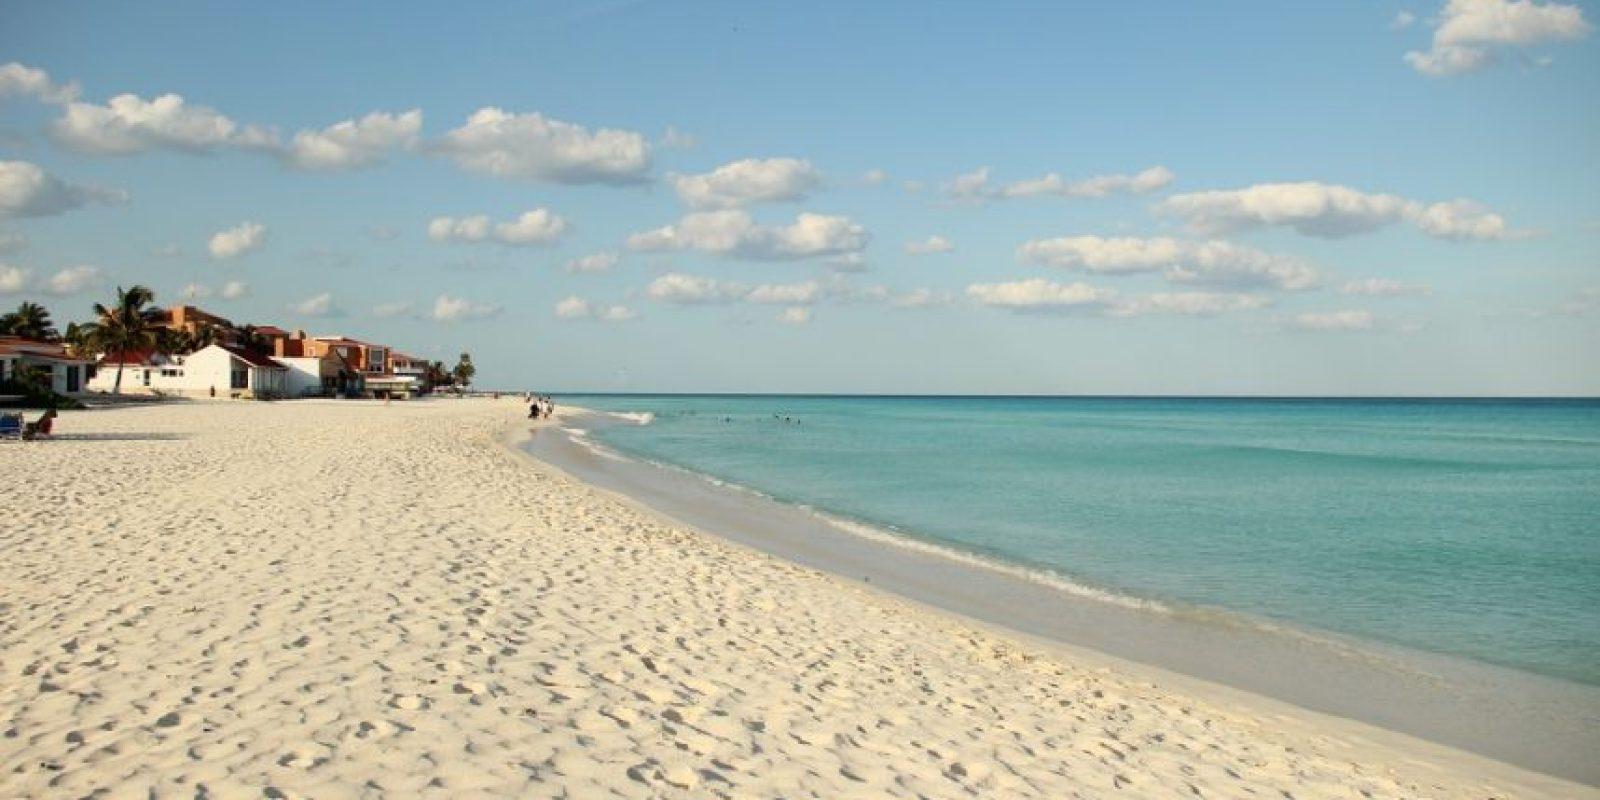 Playa del Carmen, México. La Riviera Maya es el lugar ideal para todo tipo de turistas, desde los springbreakers que buscan fiesta junto a la playa, como para las familias y personas que buscan relajarse en su escapada en el Caribe. Foto: FREEIMAGES